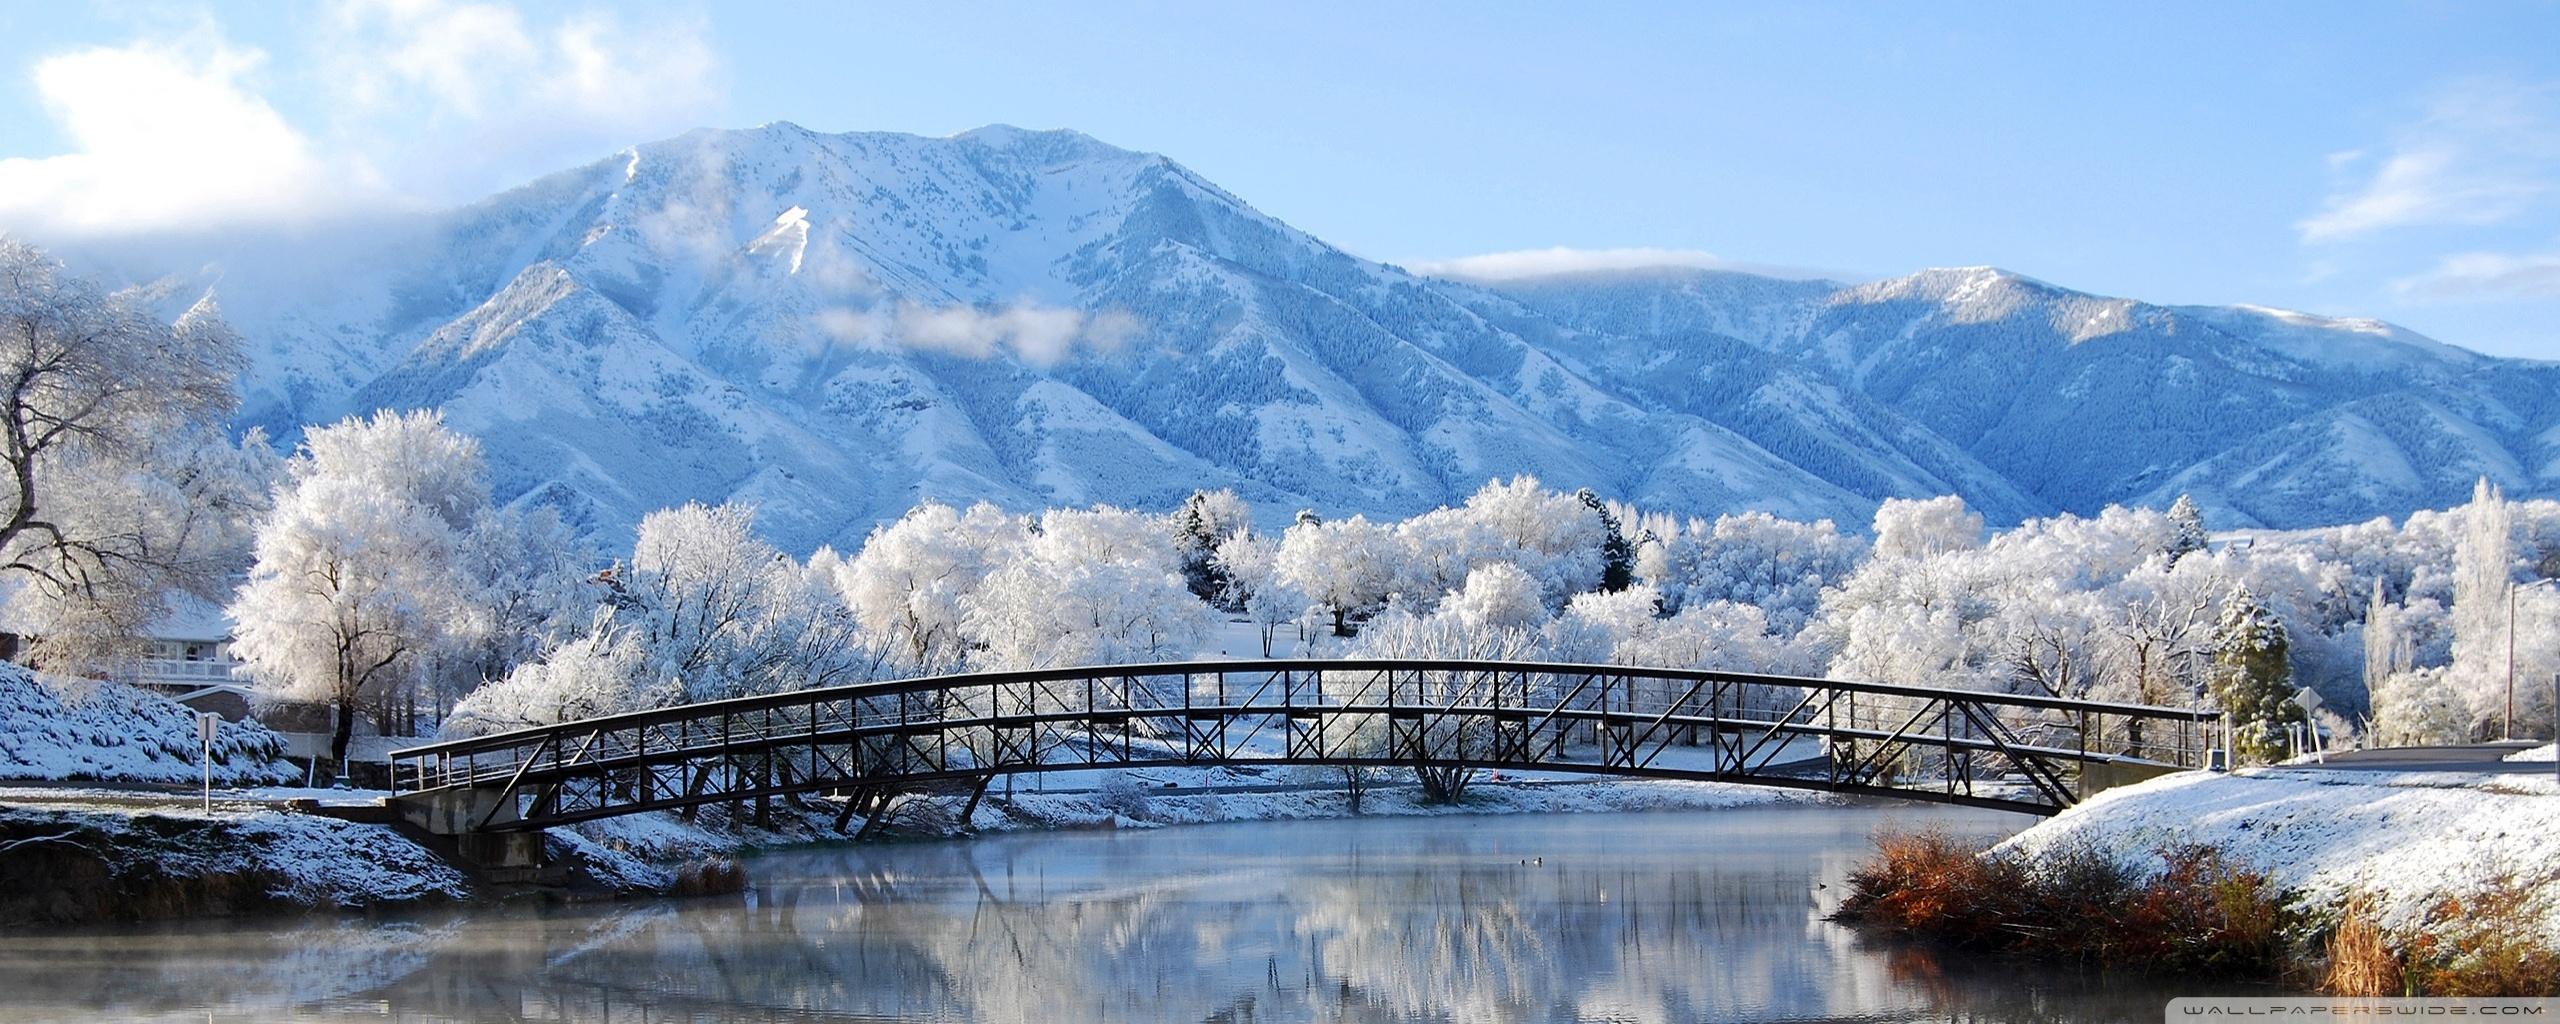 Beautiful Winter Scene 4K HD Desktop Wallpaper for 4K Ultra HD 2560x1024